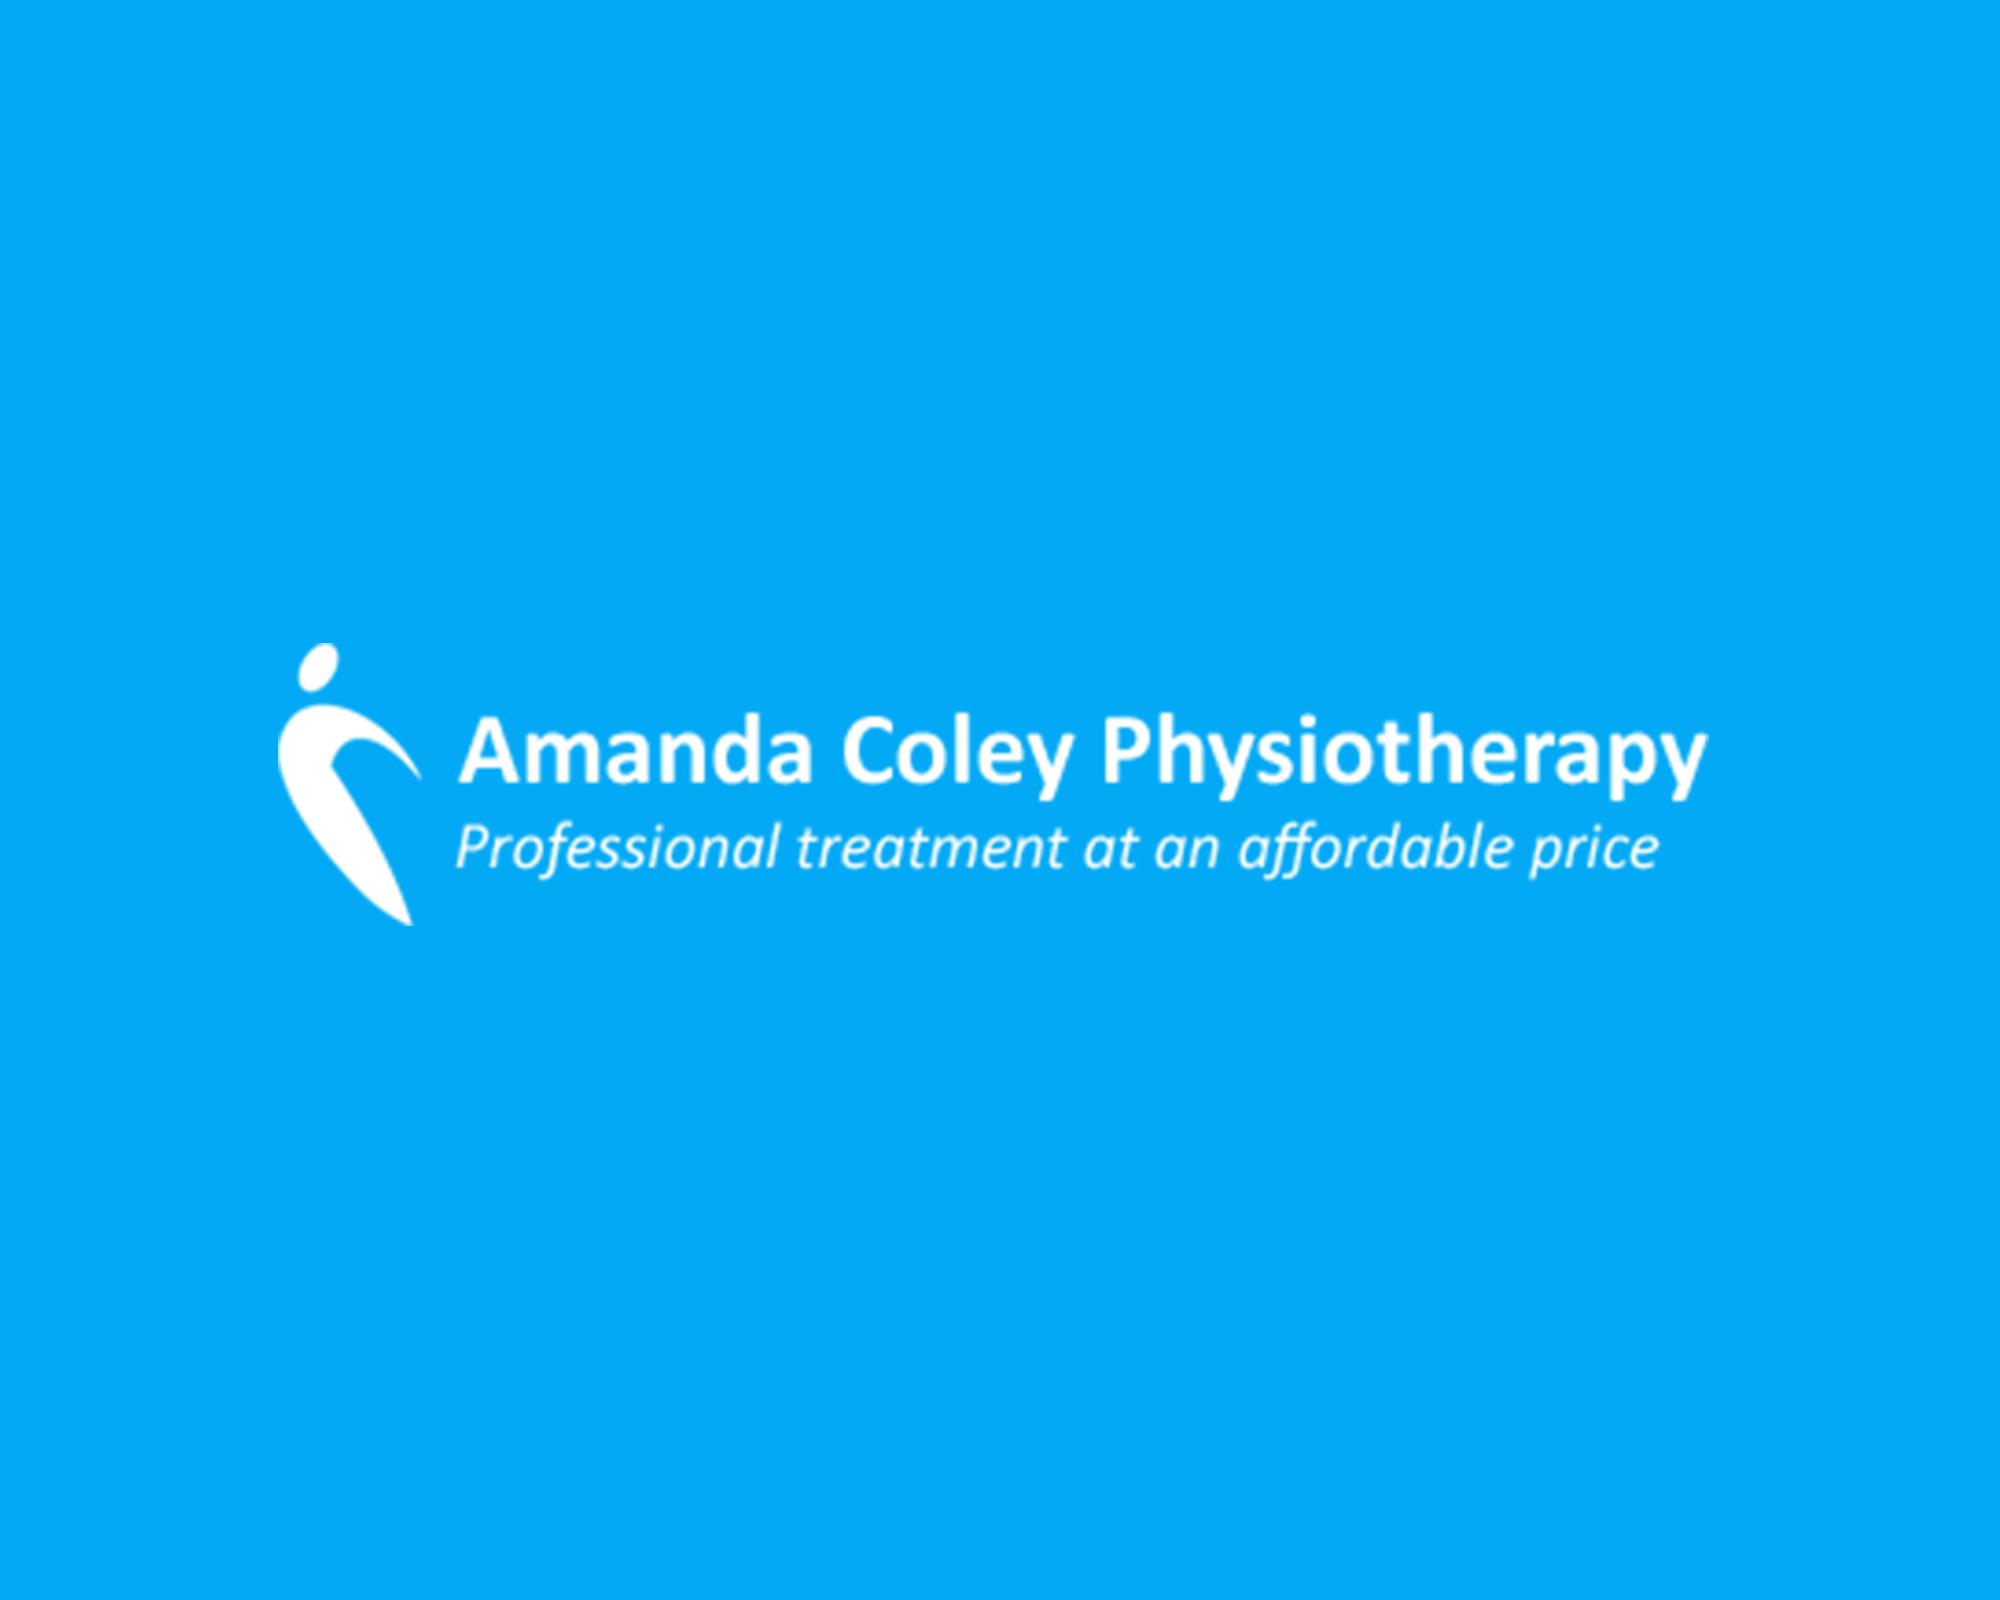 amanda coley physiotherapy Logo